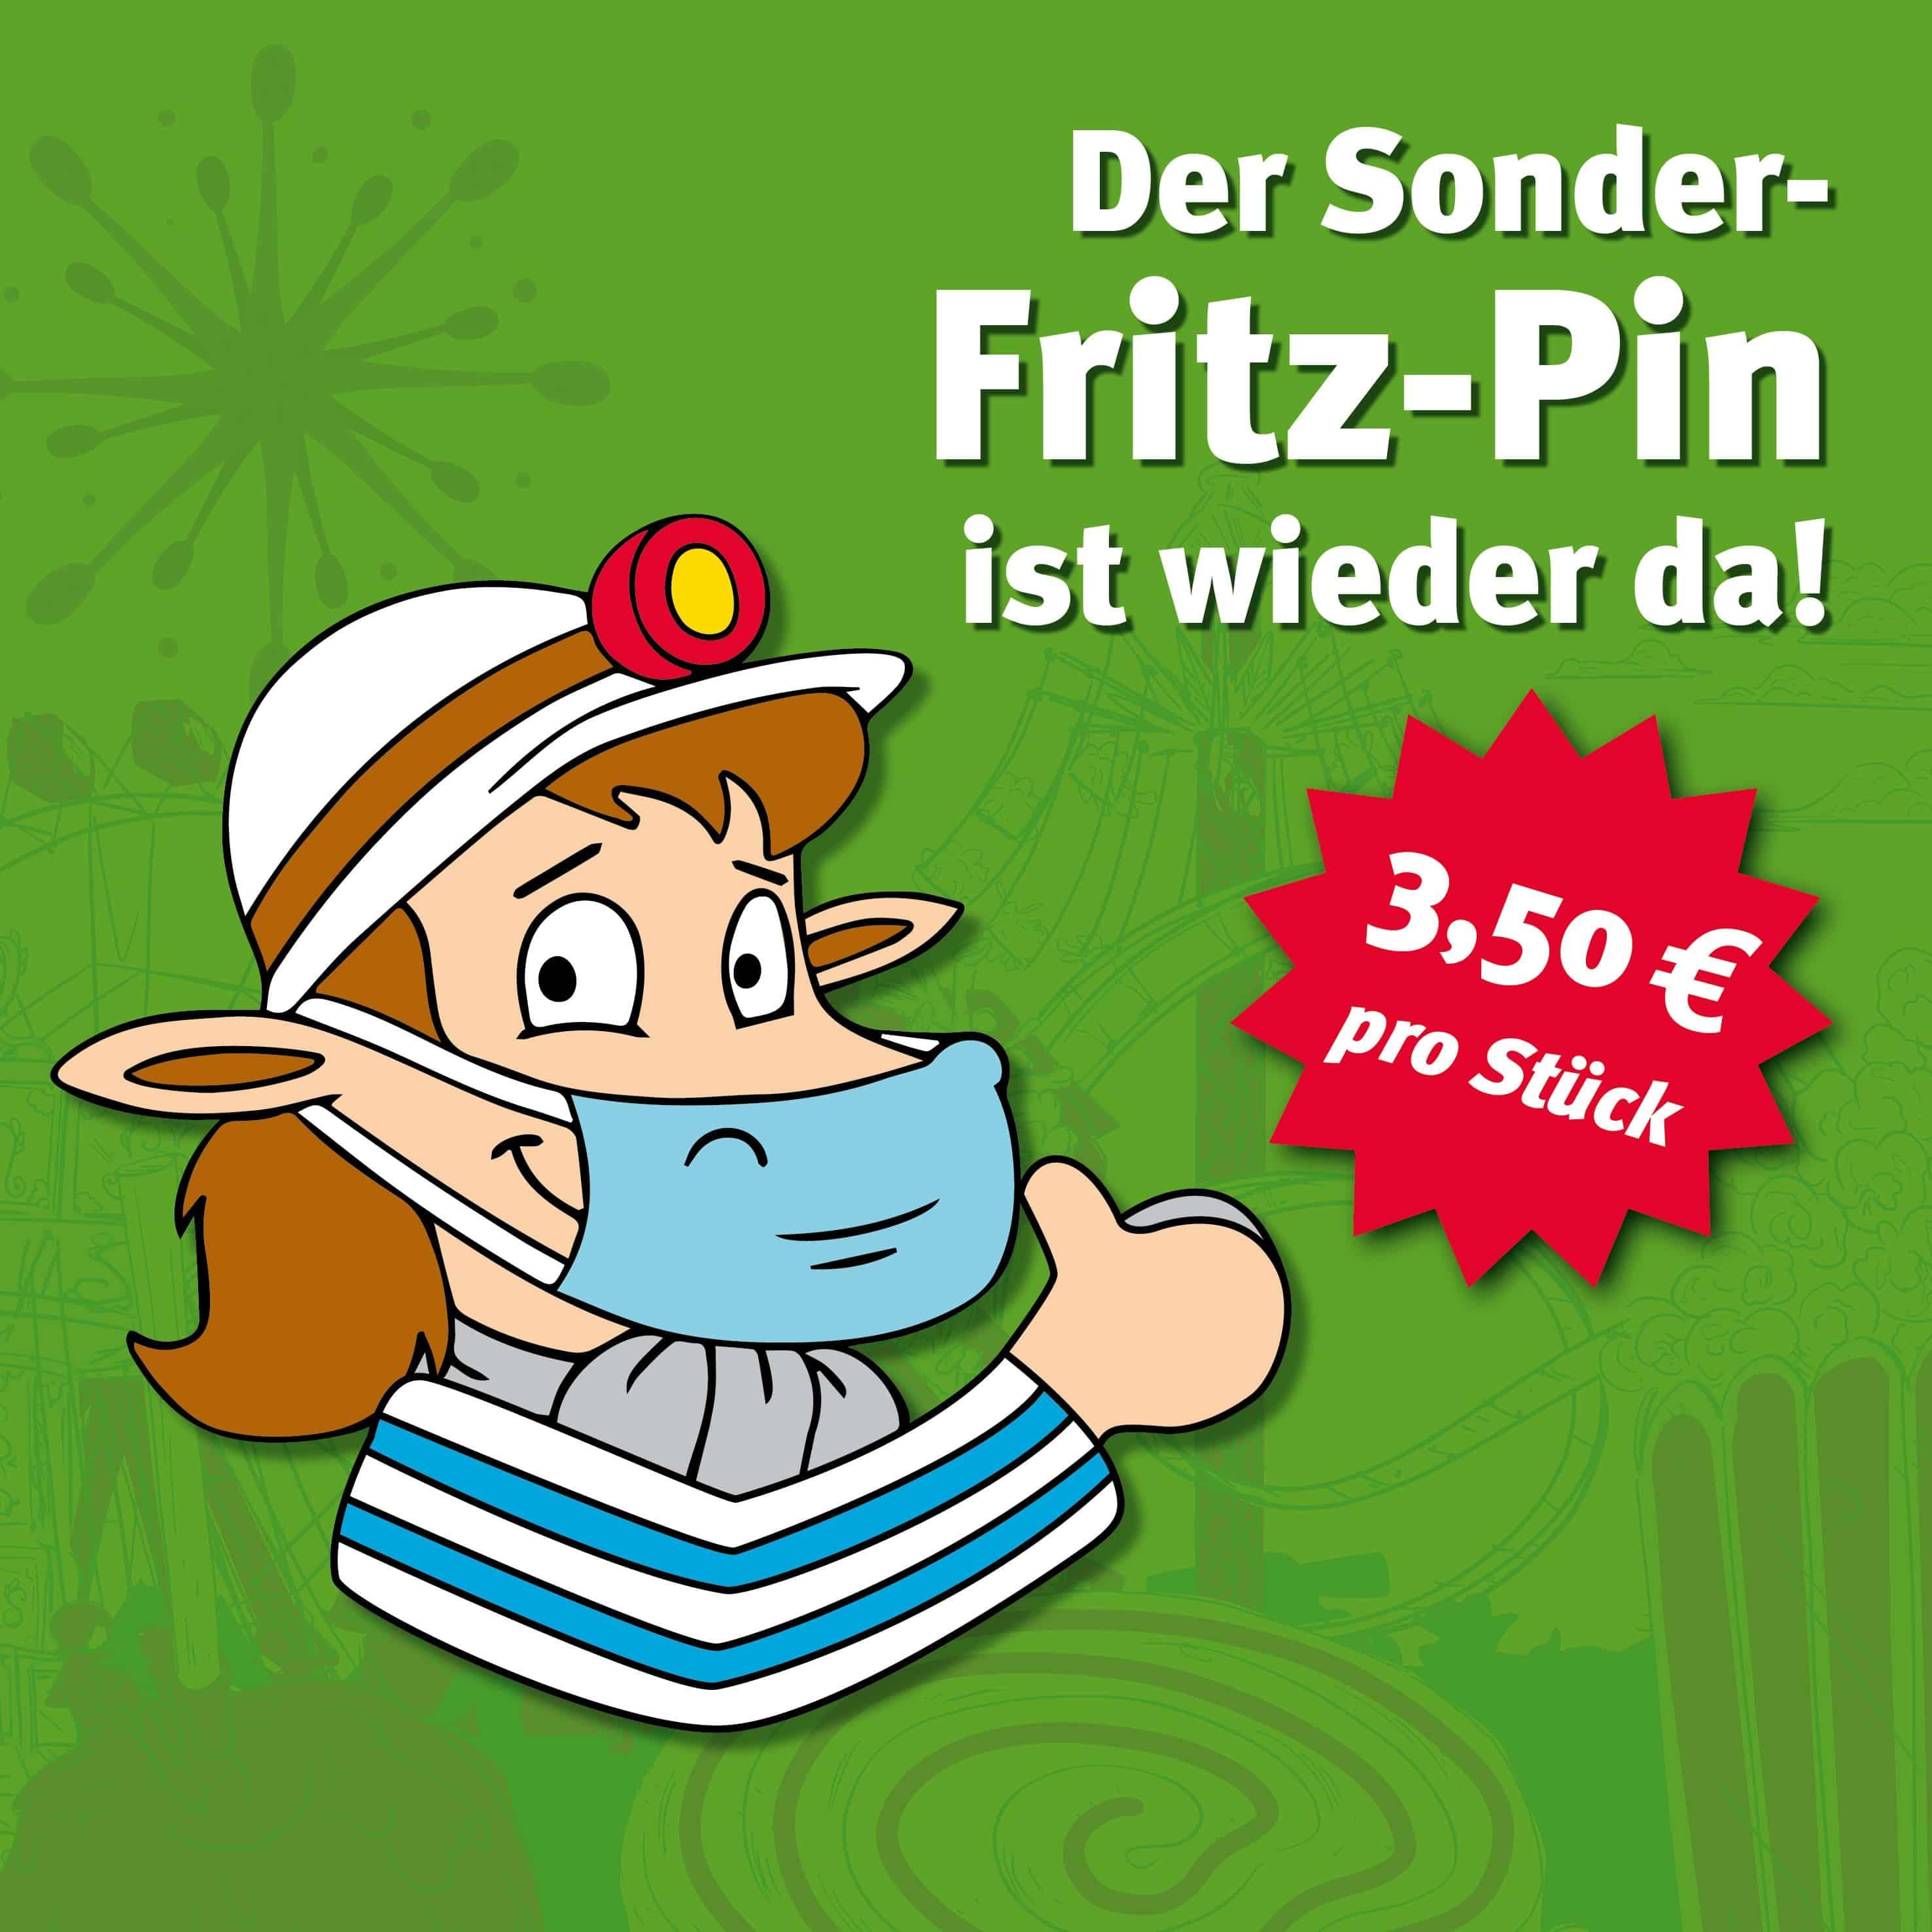 Der Sonder-Fritz-Pin ist wieder da